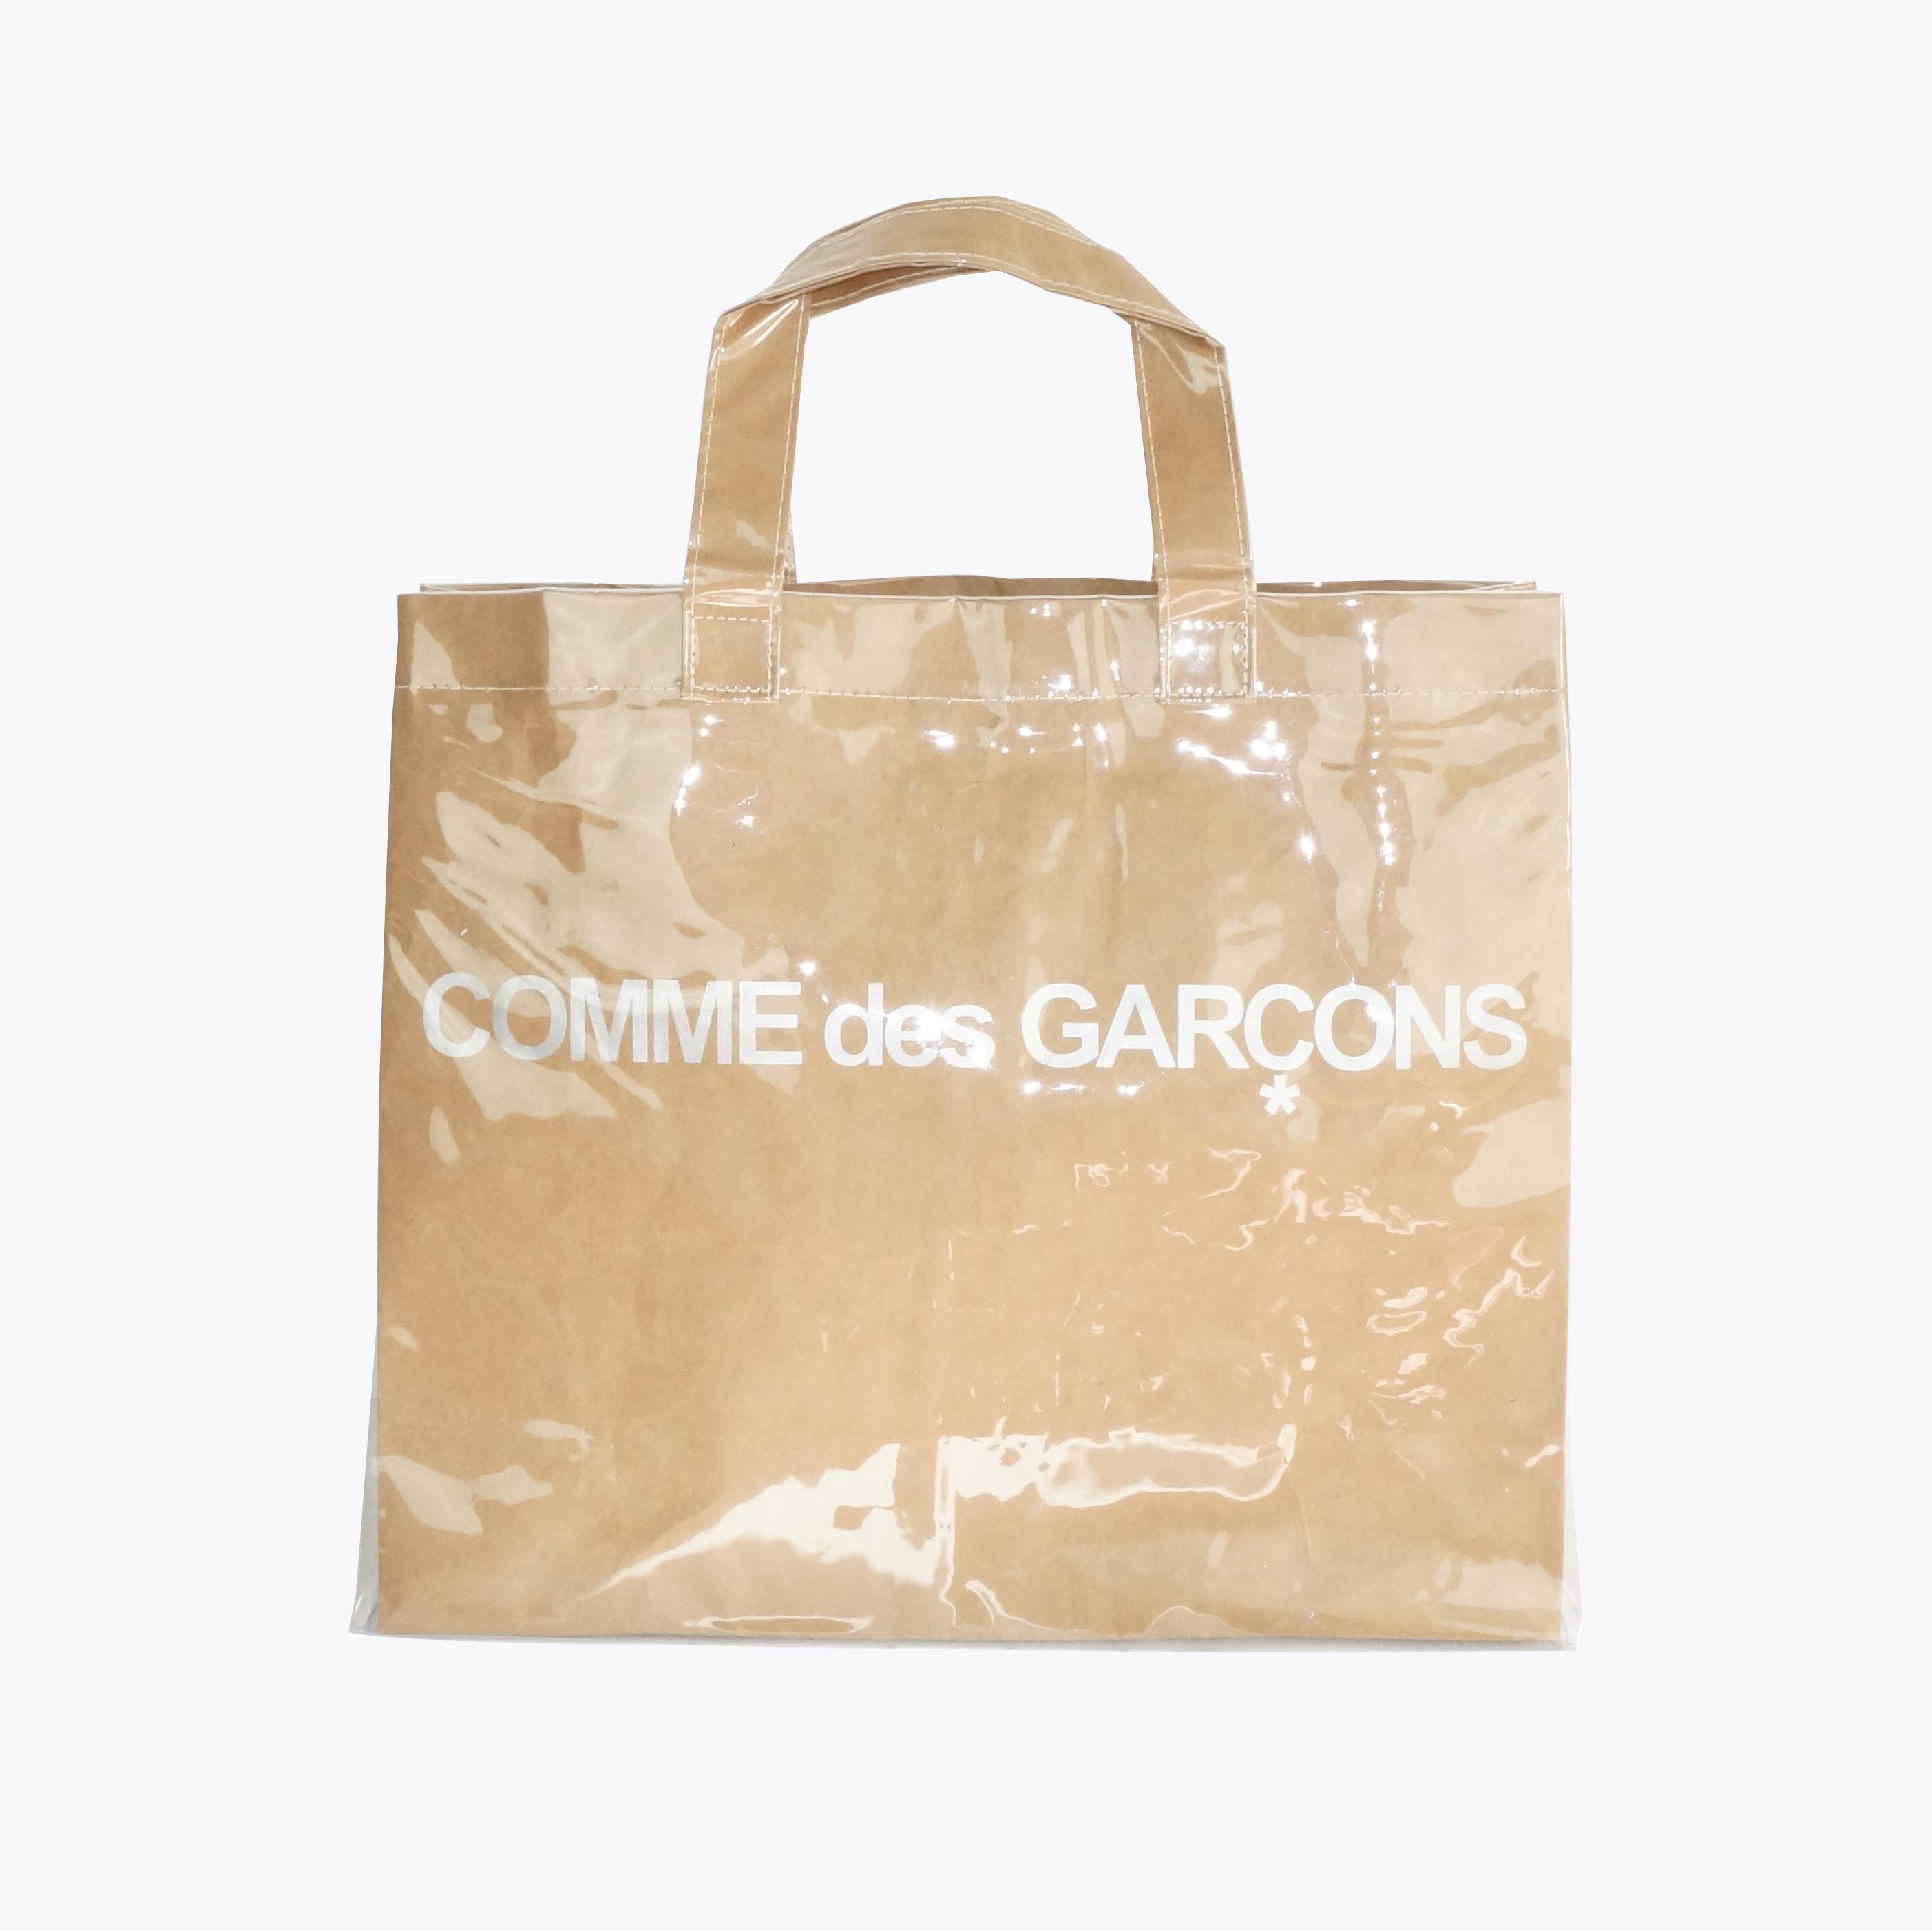 d03defa1a34277 Comme des Garcons ×. PVC Plastic Paper Tote Bag. Size: ONE SIZE